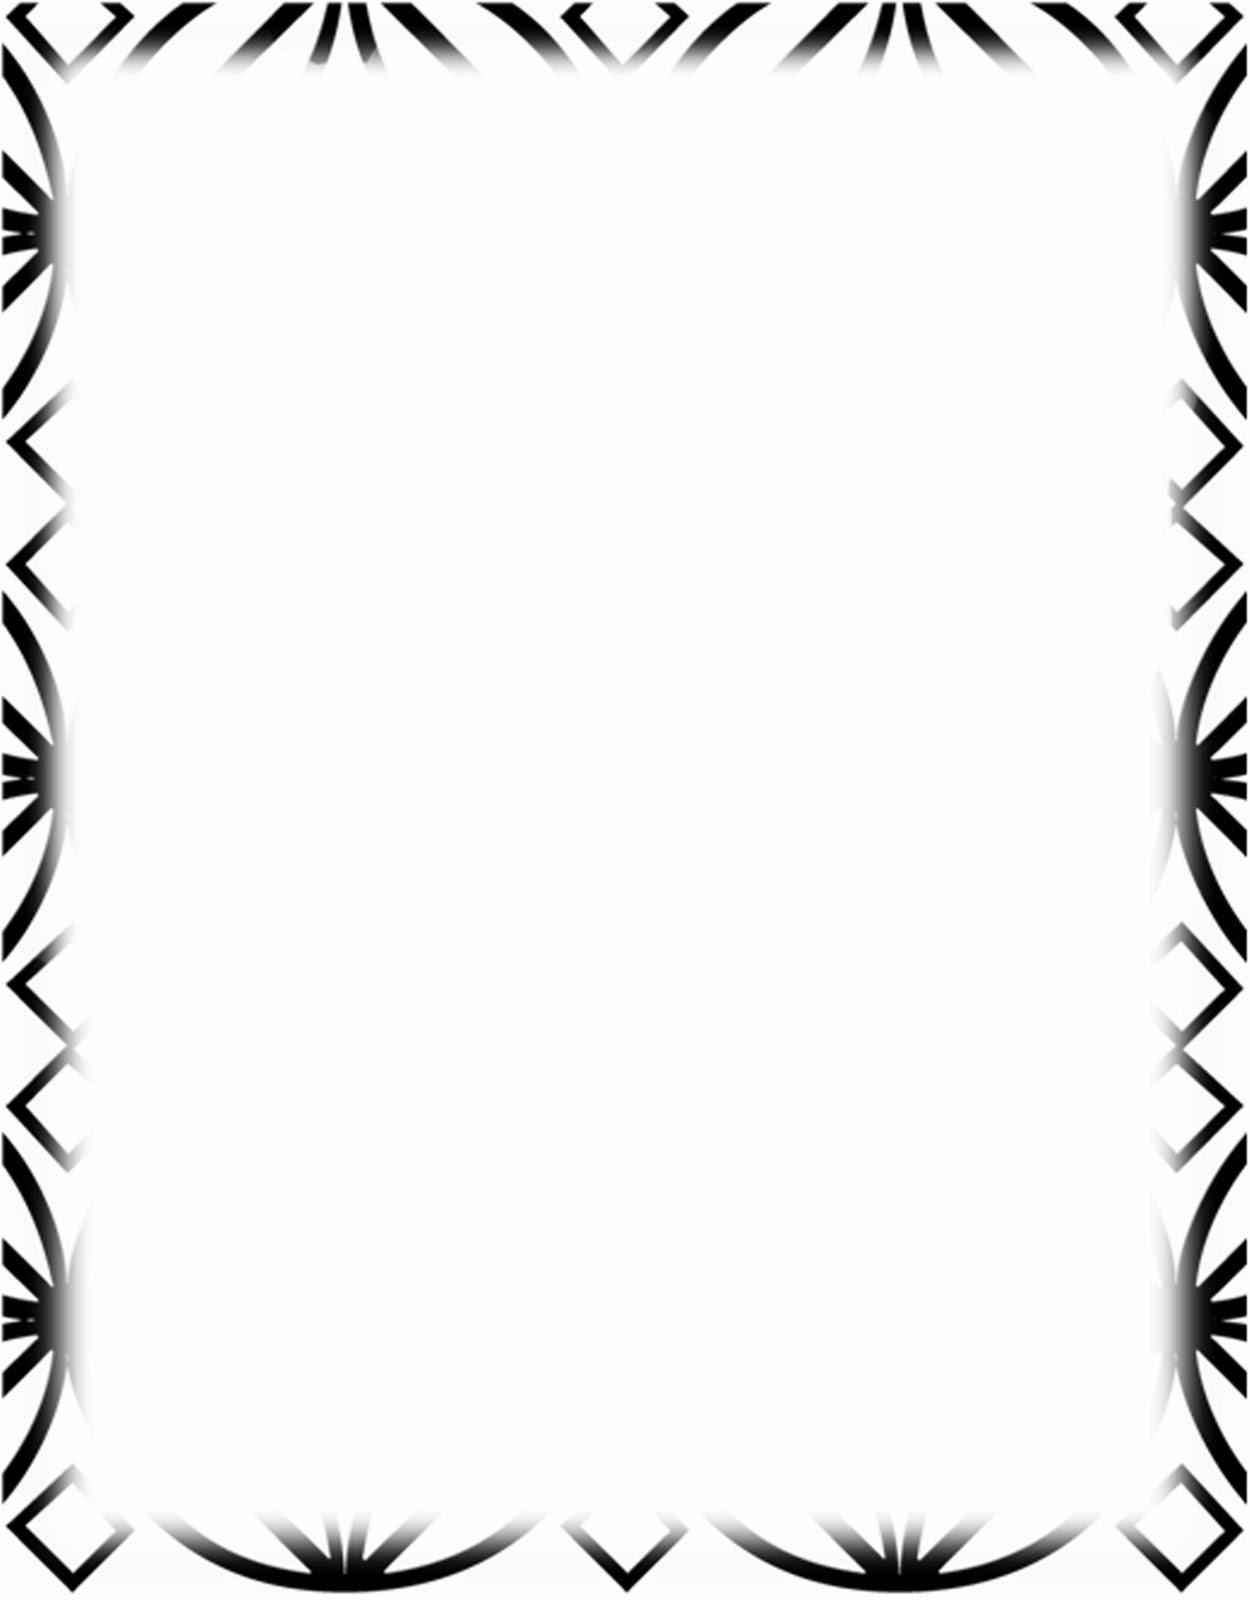 Bordes elegantes imagui for Adornos para paginas